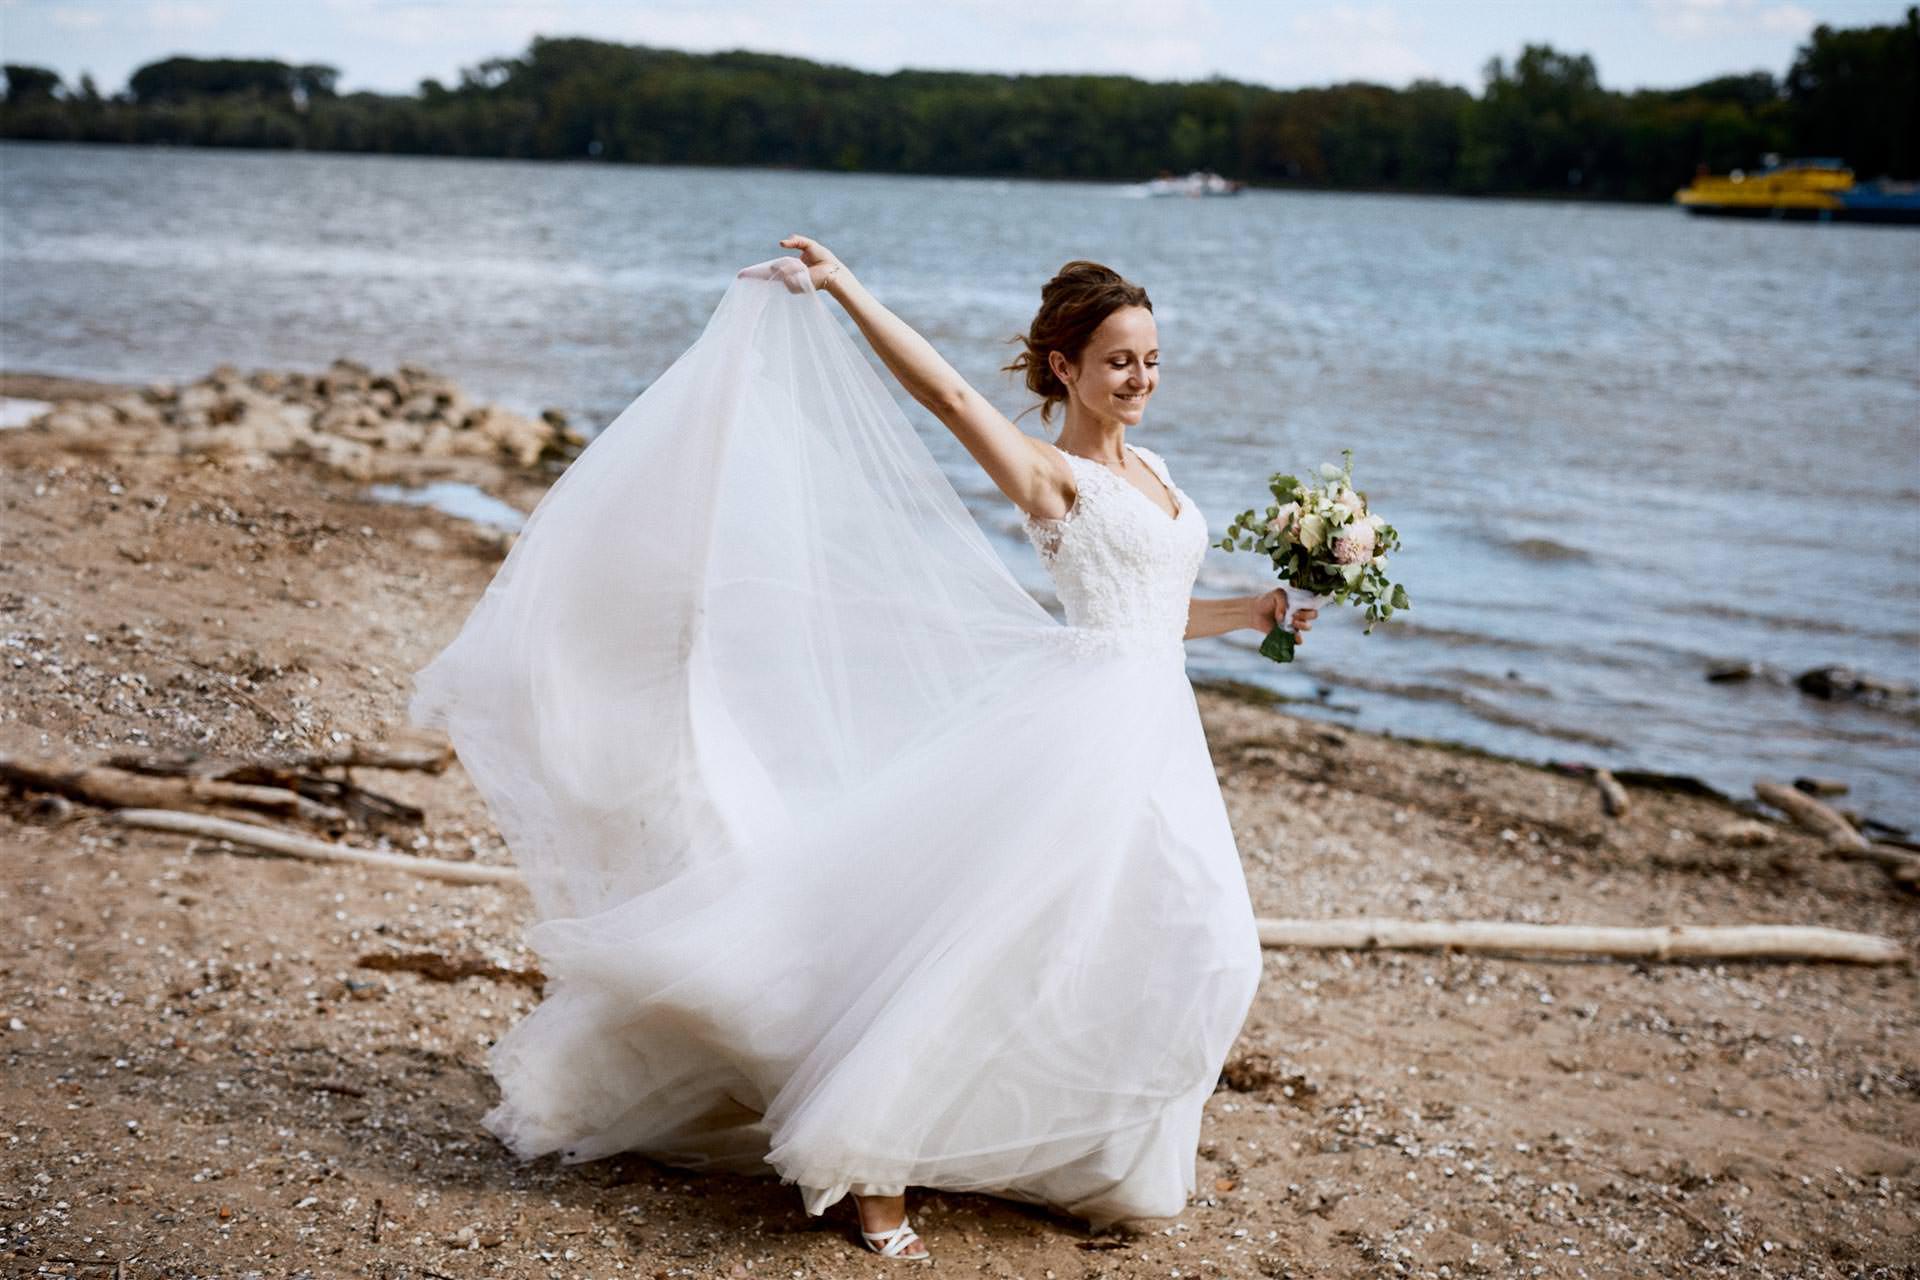 heiraten-im-rheingau-Heiraten-im-Rheingau-Kronenschlösschen-20_CA_478_